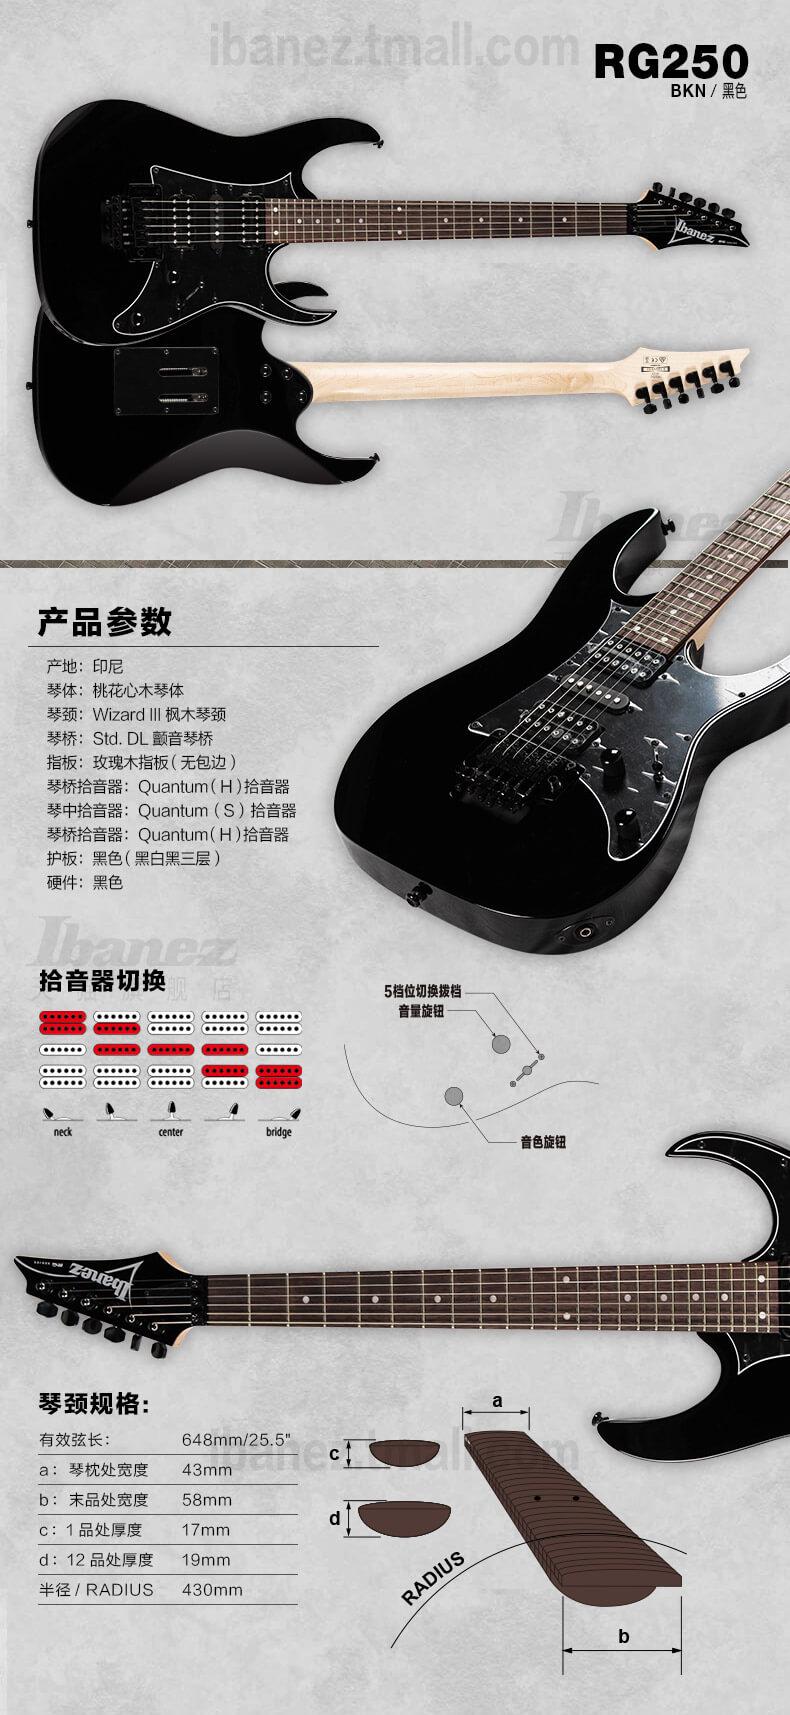 Ibanez官方旗舰店 爱宾斯 依班娜 RG250电吉他桃花心木琴体印产 06